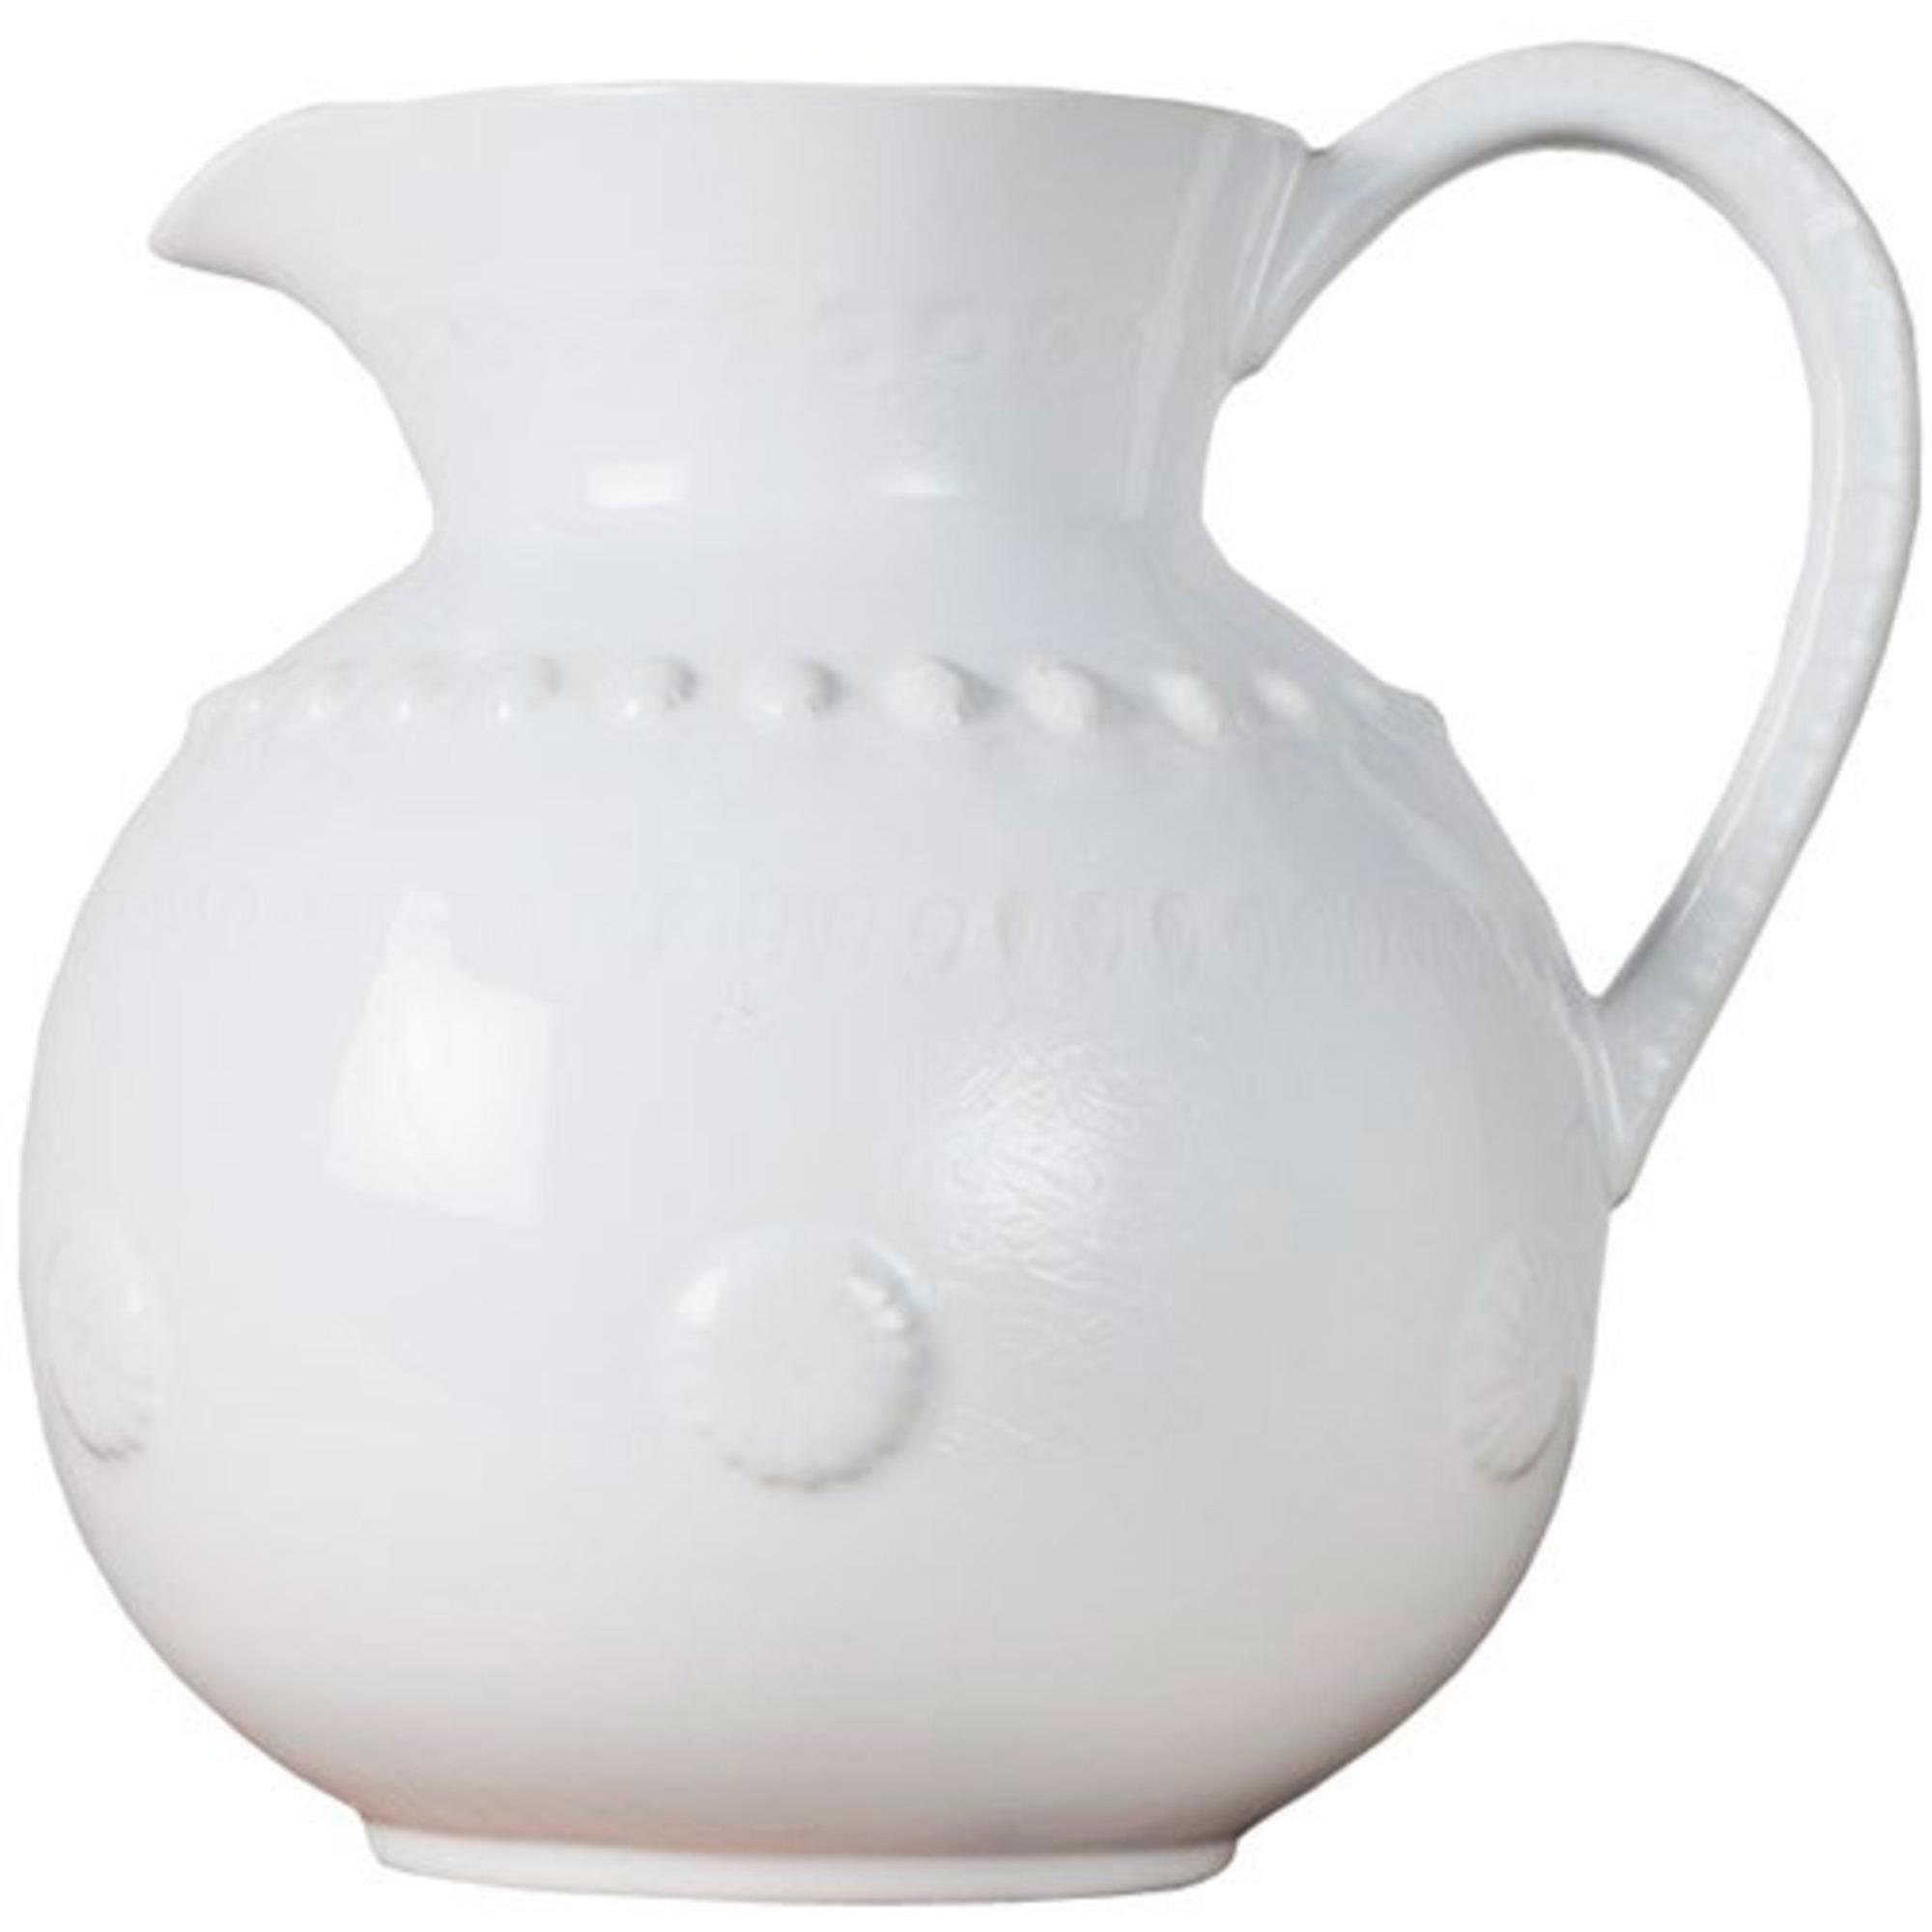 PotteryJo Daisy Kanna 1.8 L White